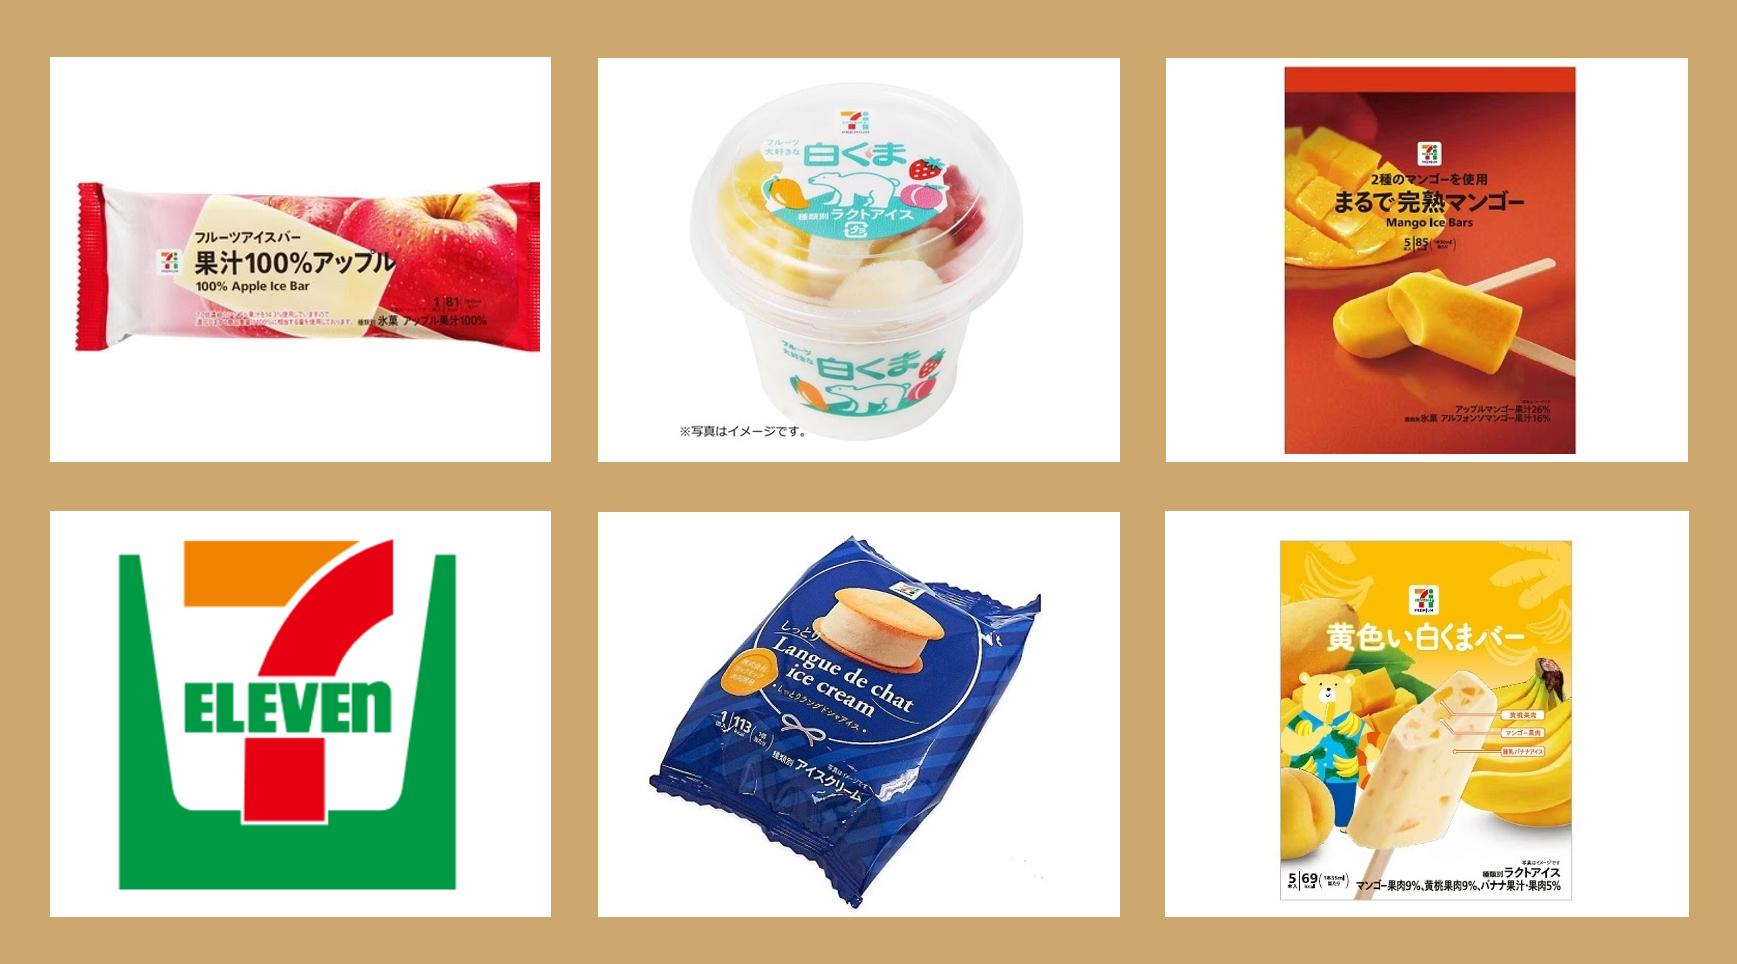 【10月26日最新】セブンイレブンの人気アイス特集!新作アイスも紹介